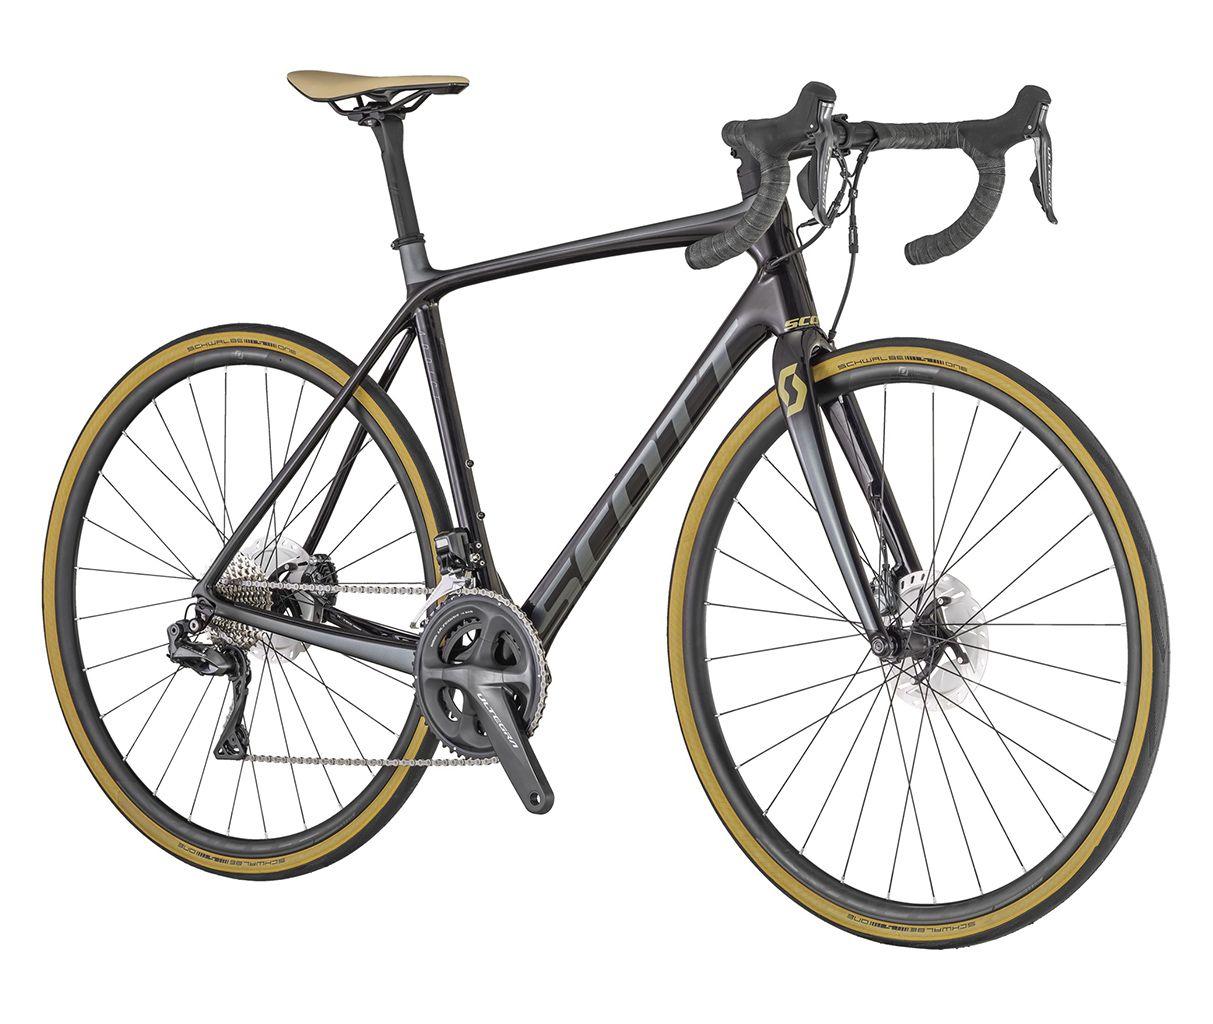 Bici strada Bicicletta Scott Addict SE Disc